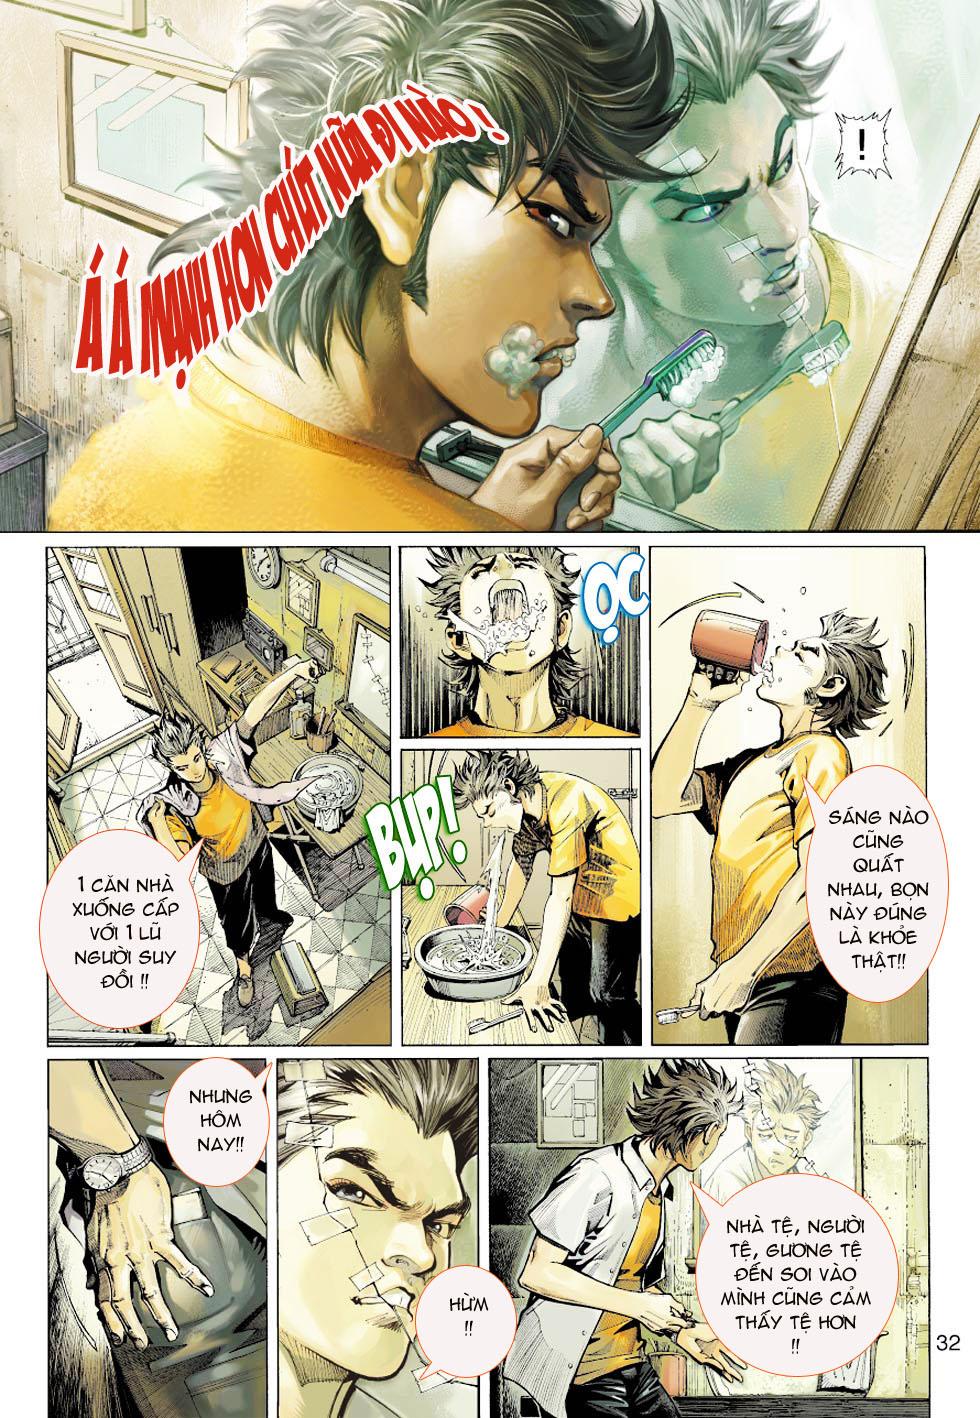 Thần Binh 4 chap 1 - Trang 28